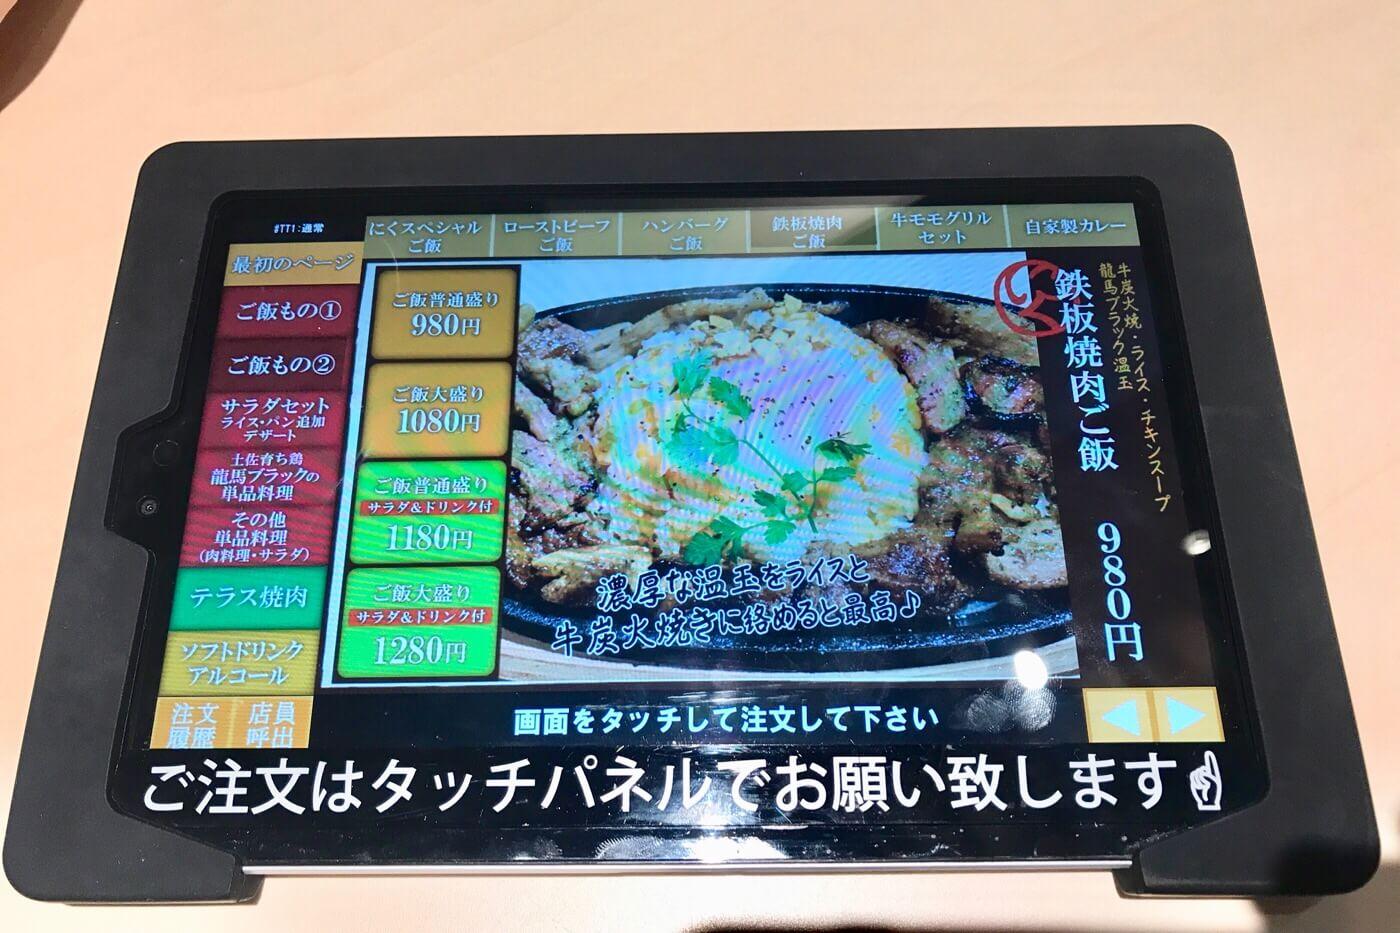 高知蔦屋書店 RAKUDA NIKU BARU JAPAN(ラクダニクバル) 注文用タッチパネル